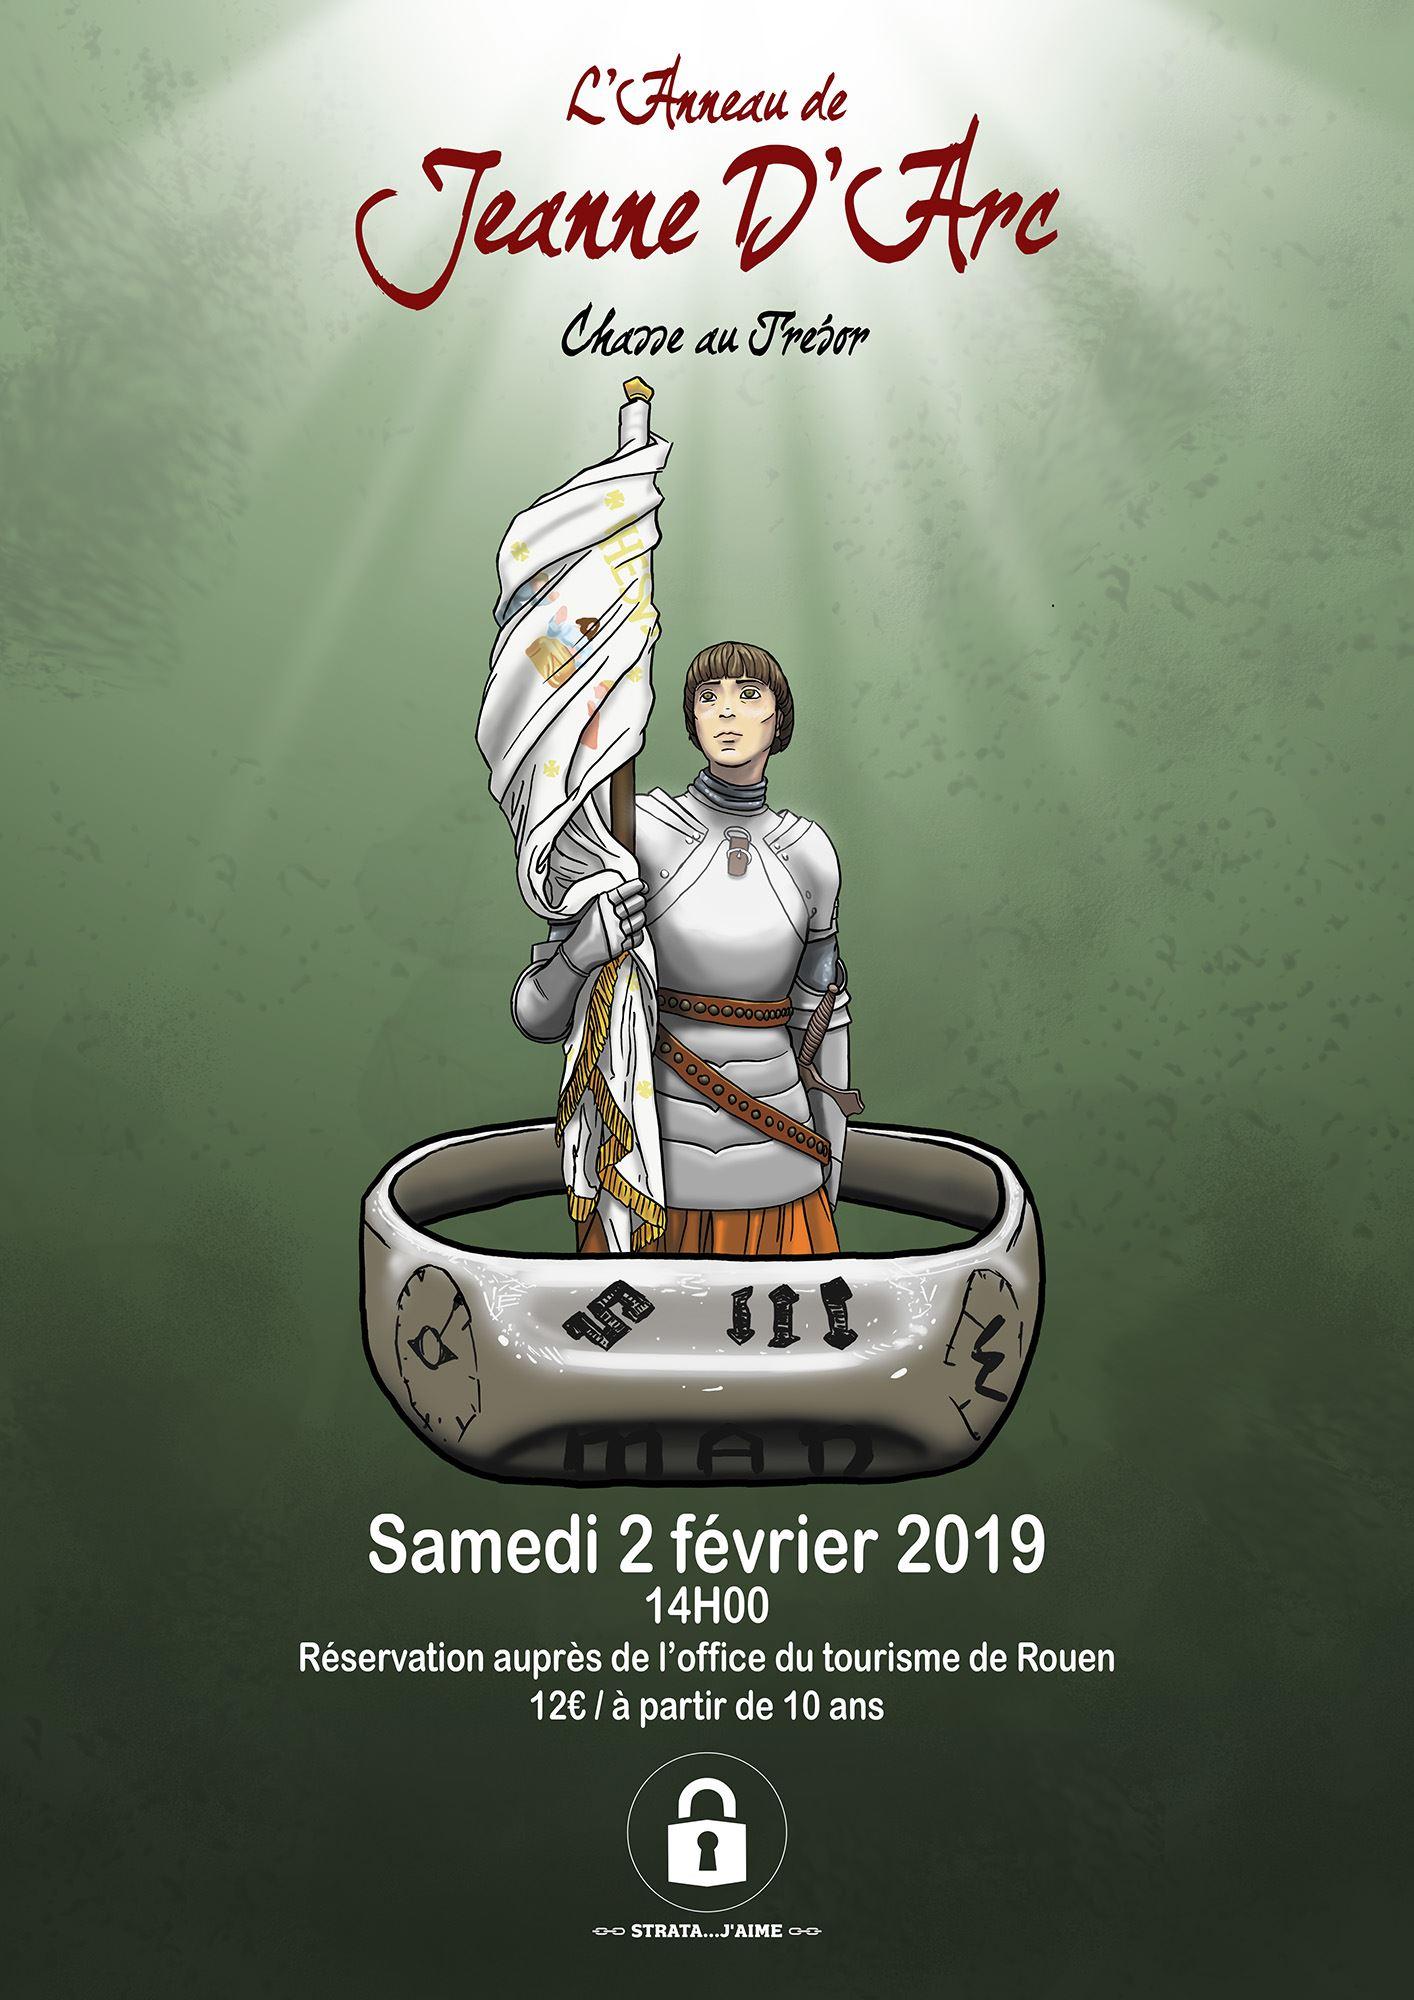 """""""L'anneau de Jeanne d'Arc"""" Chasse au trésor, samedi 30 mars"""